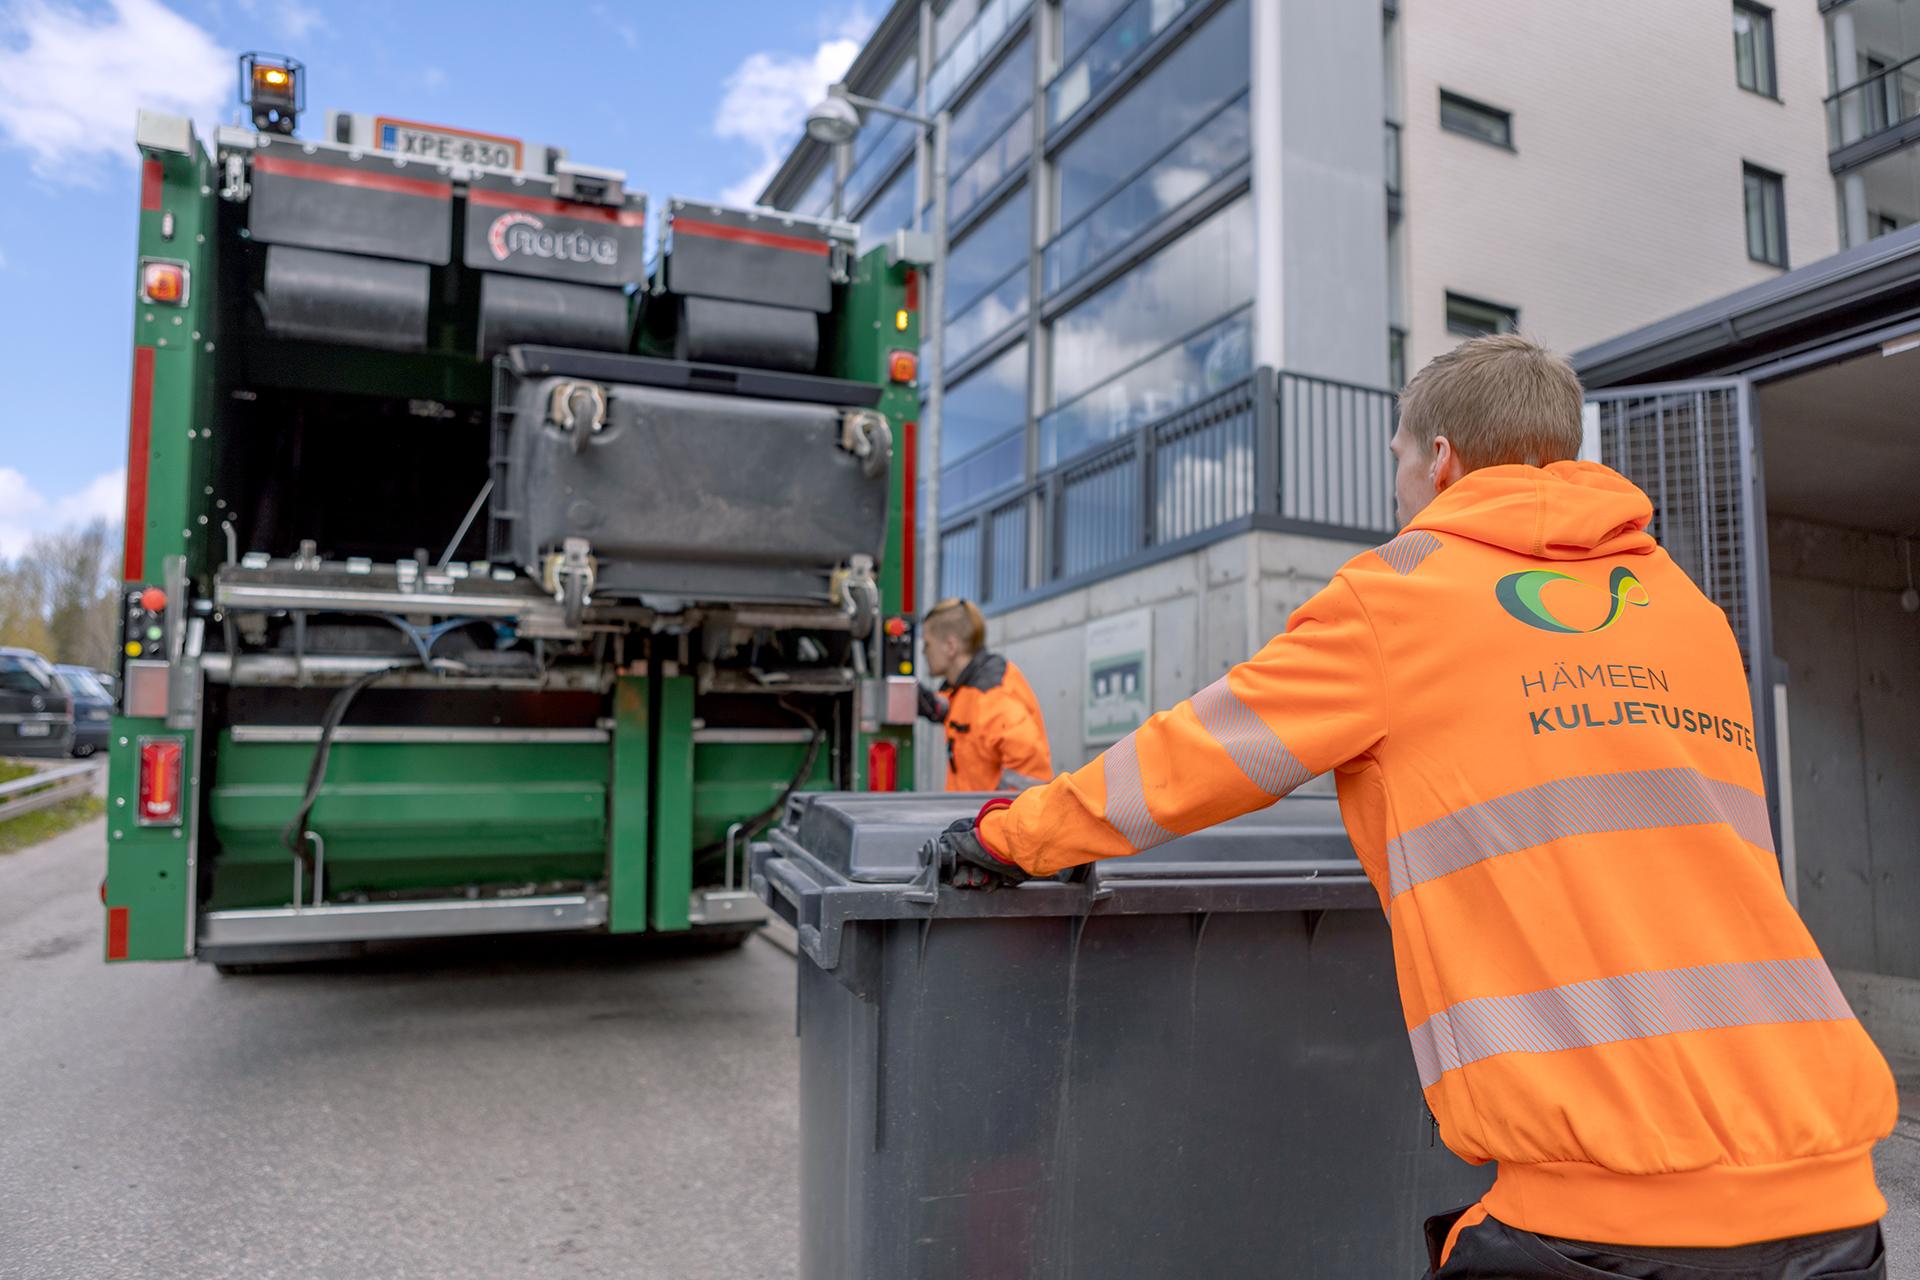 Hämeen Kuljetuspiste jätteenkuljetus